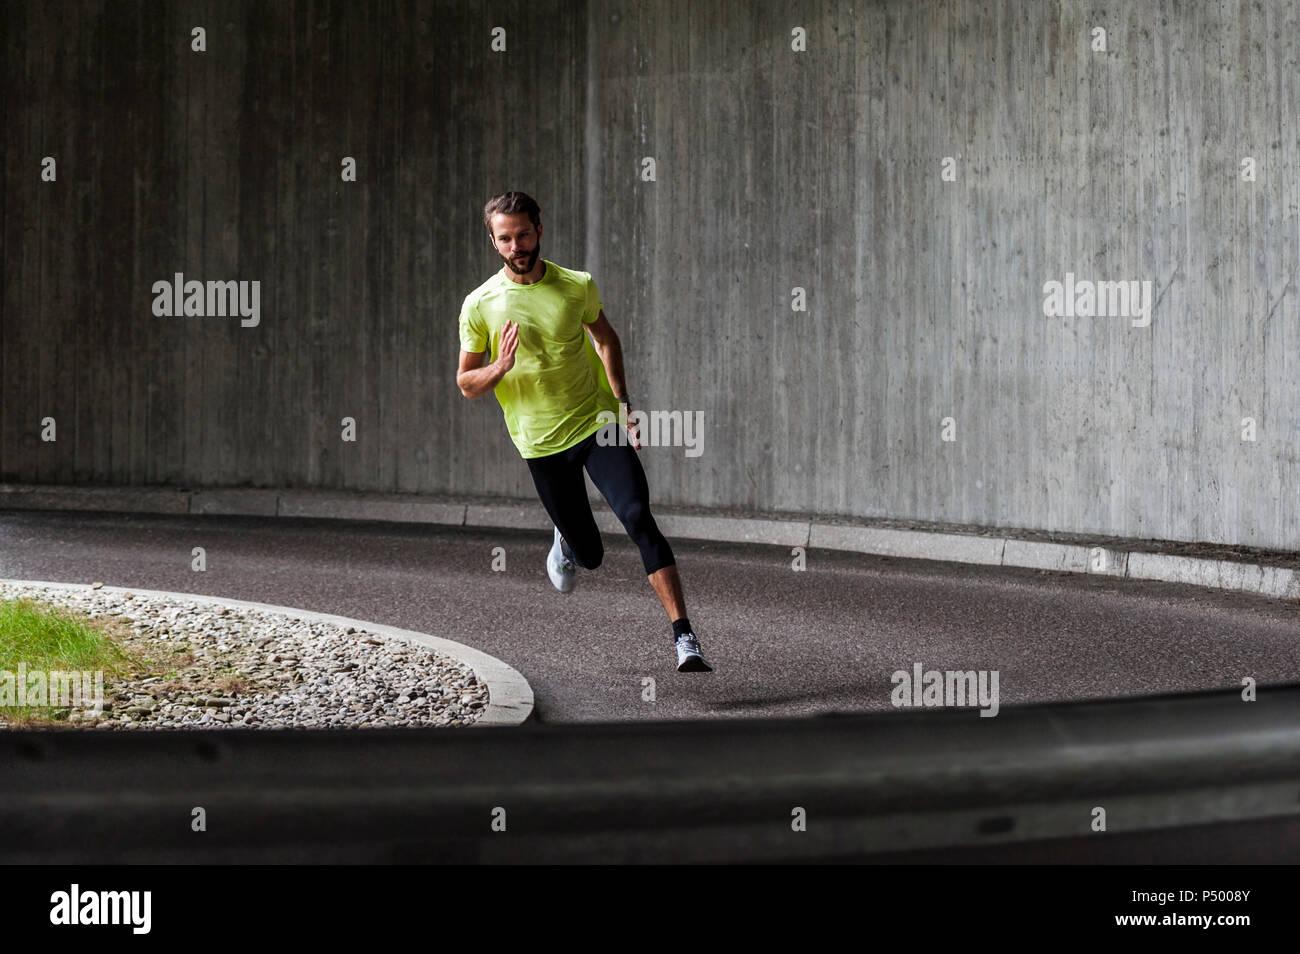 Homme qui court dans une rue d'une courbe Photo Stock